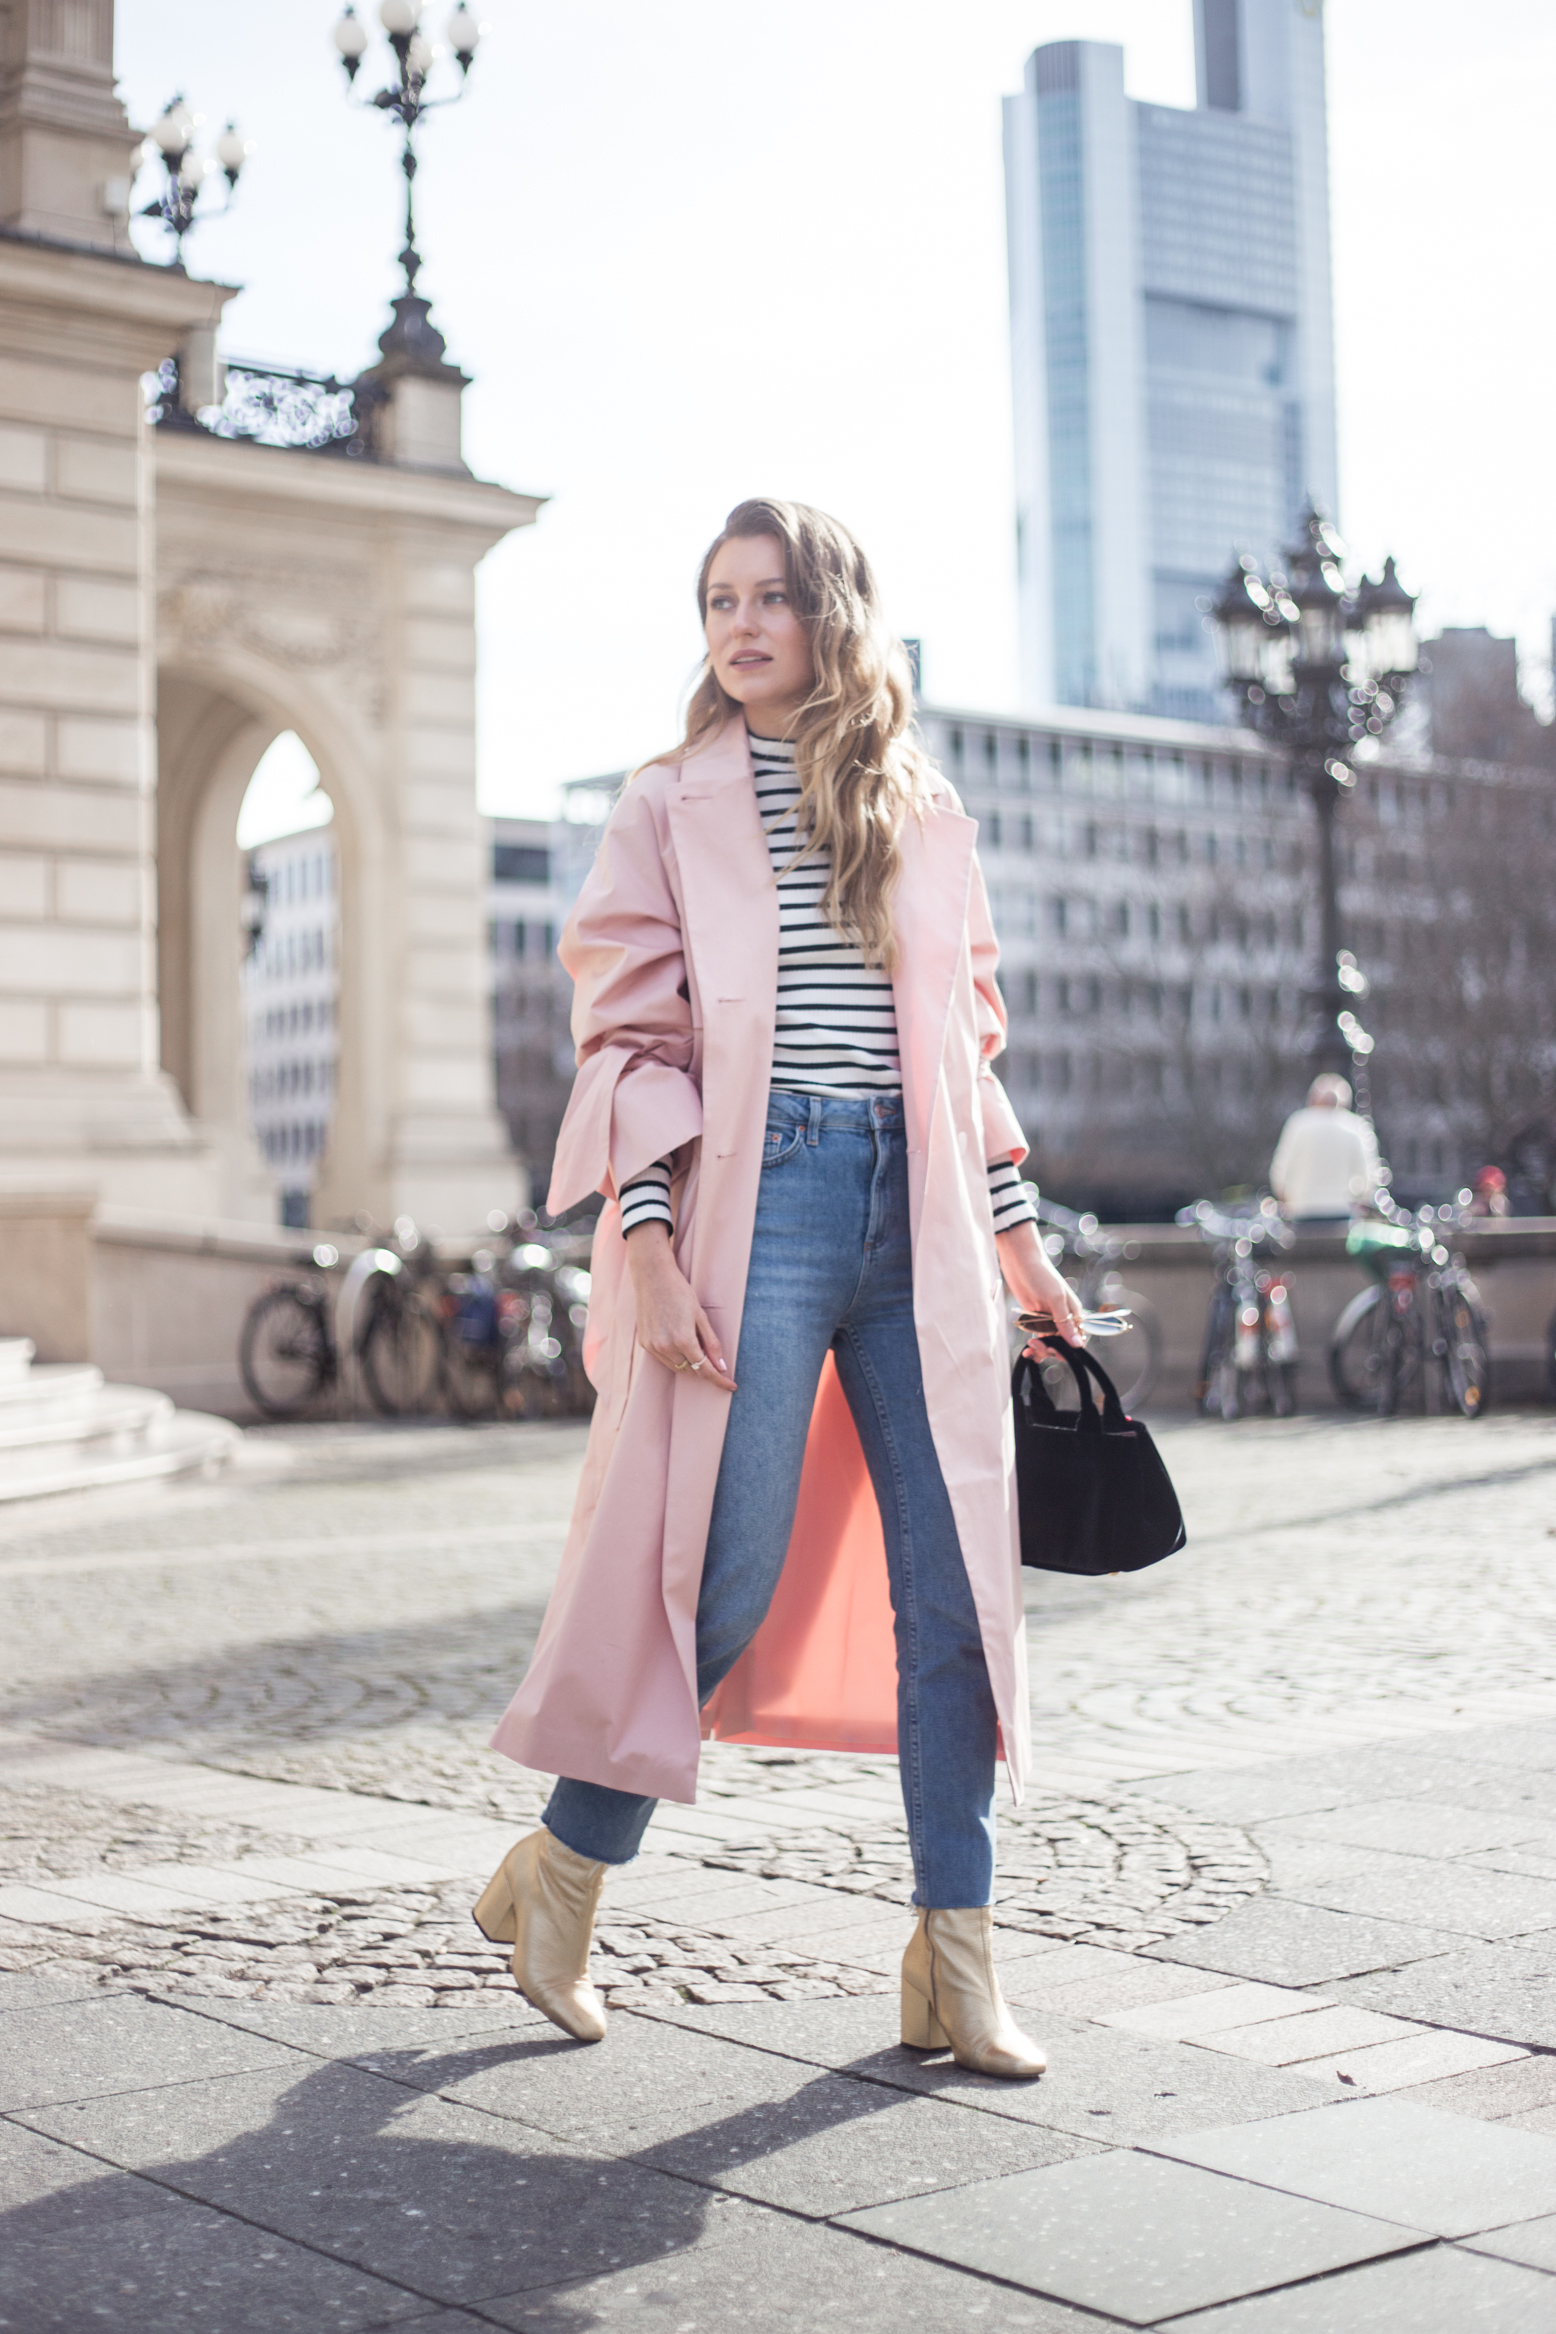 trenchcoat-outfit-prada-bag-velvet-0134